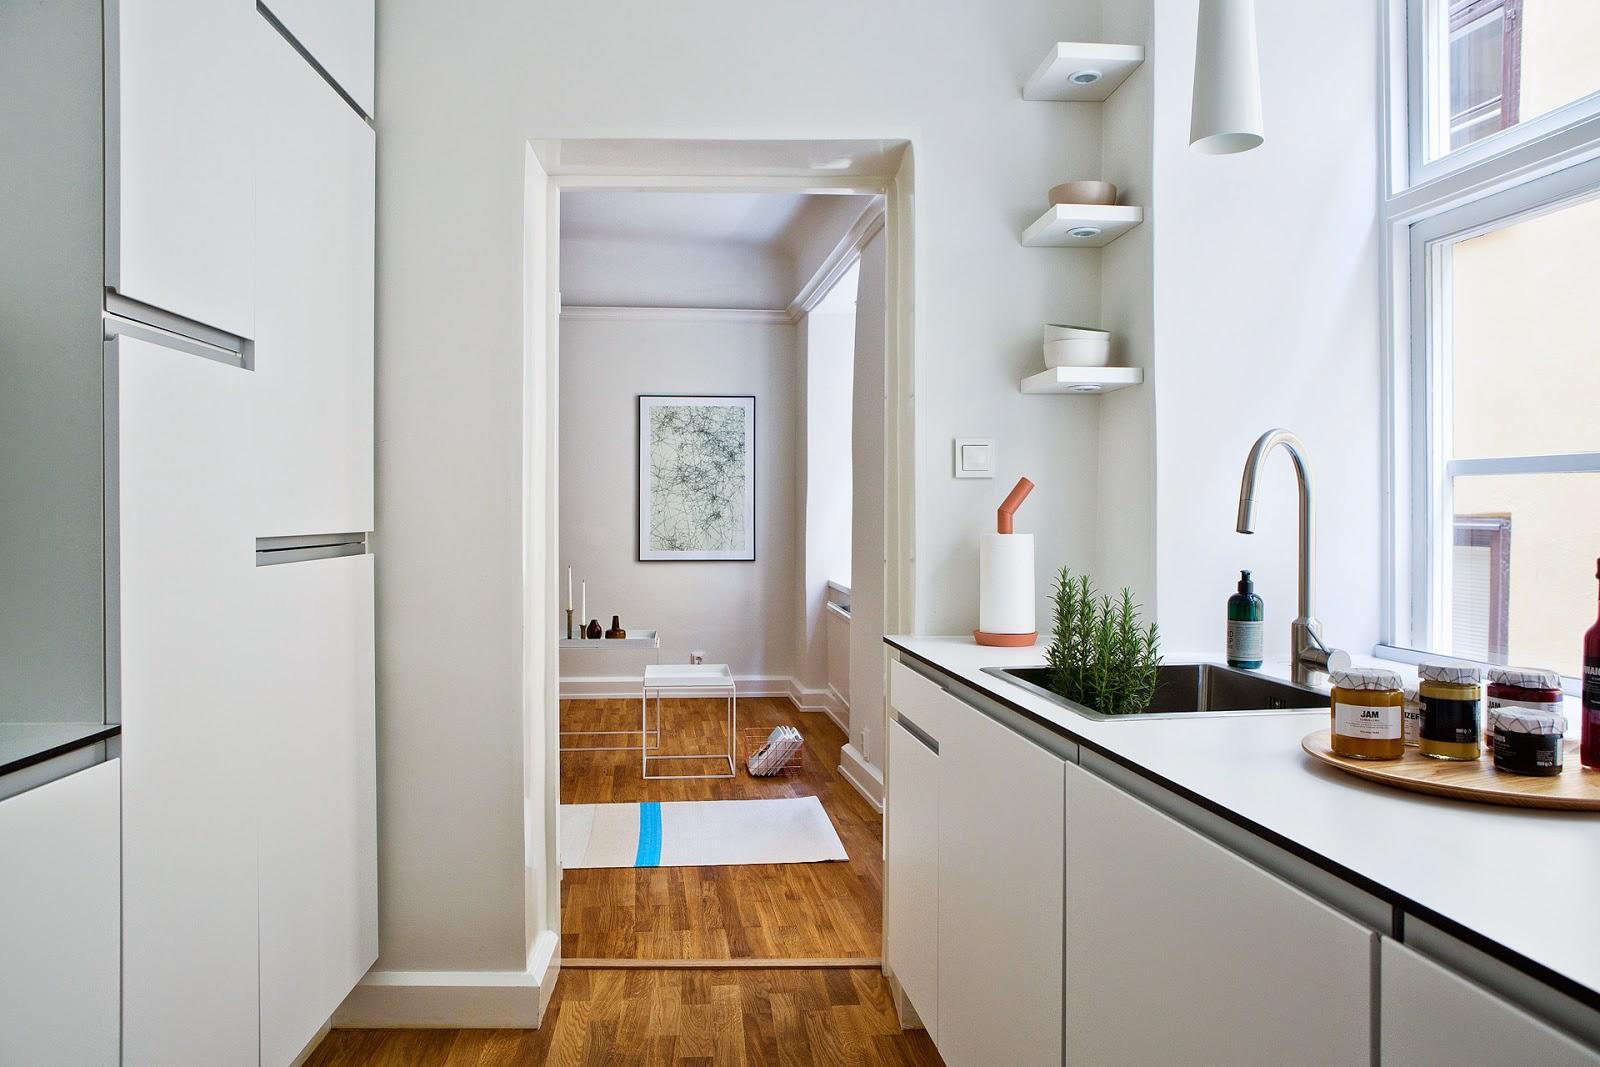 La Petite Fabrique De Rêves: Stockholm : Un Studio Moderne Dans Les  #75451B 1600 1067 Cucine Scandinave